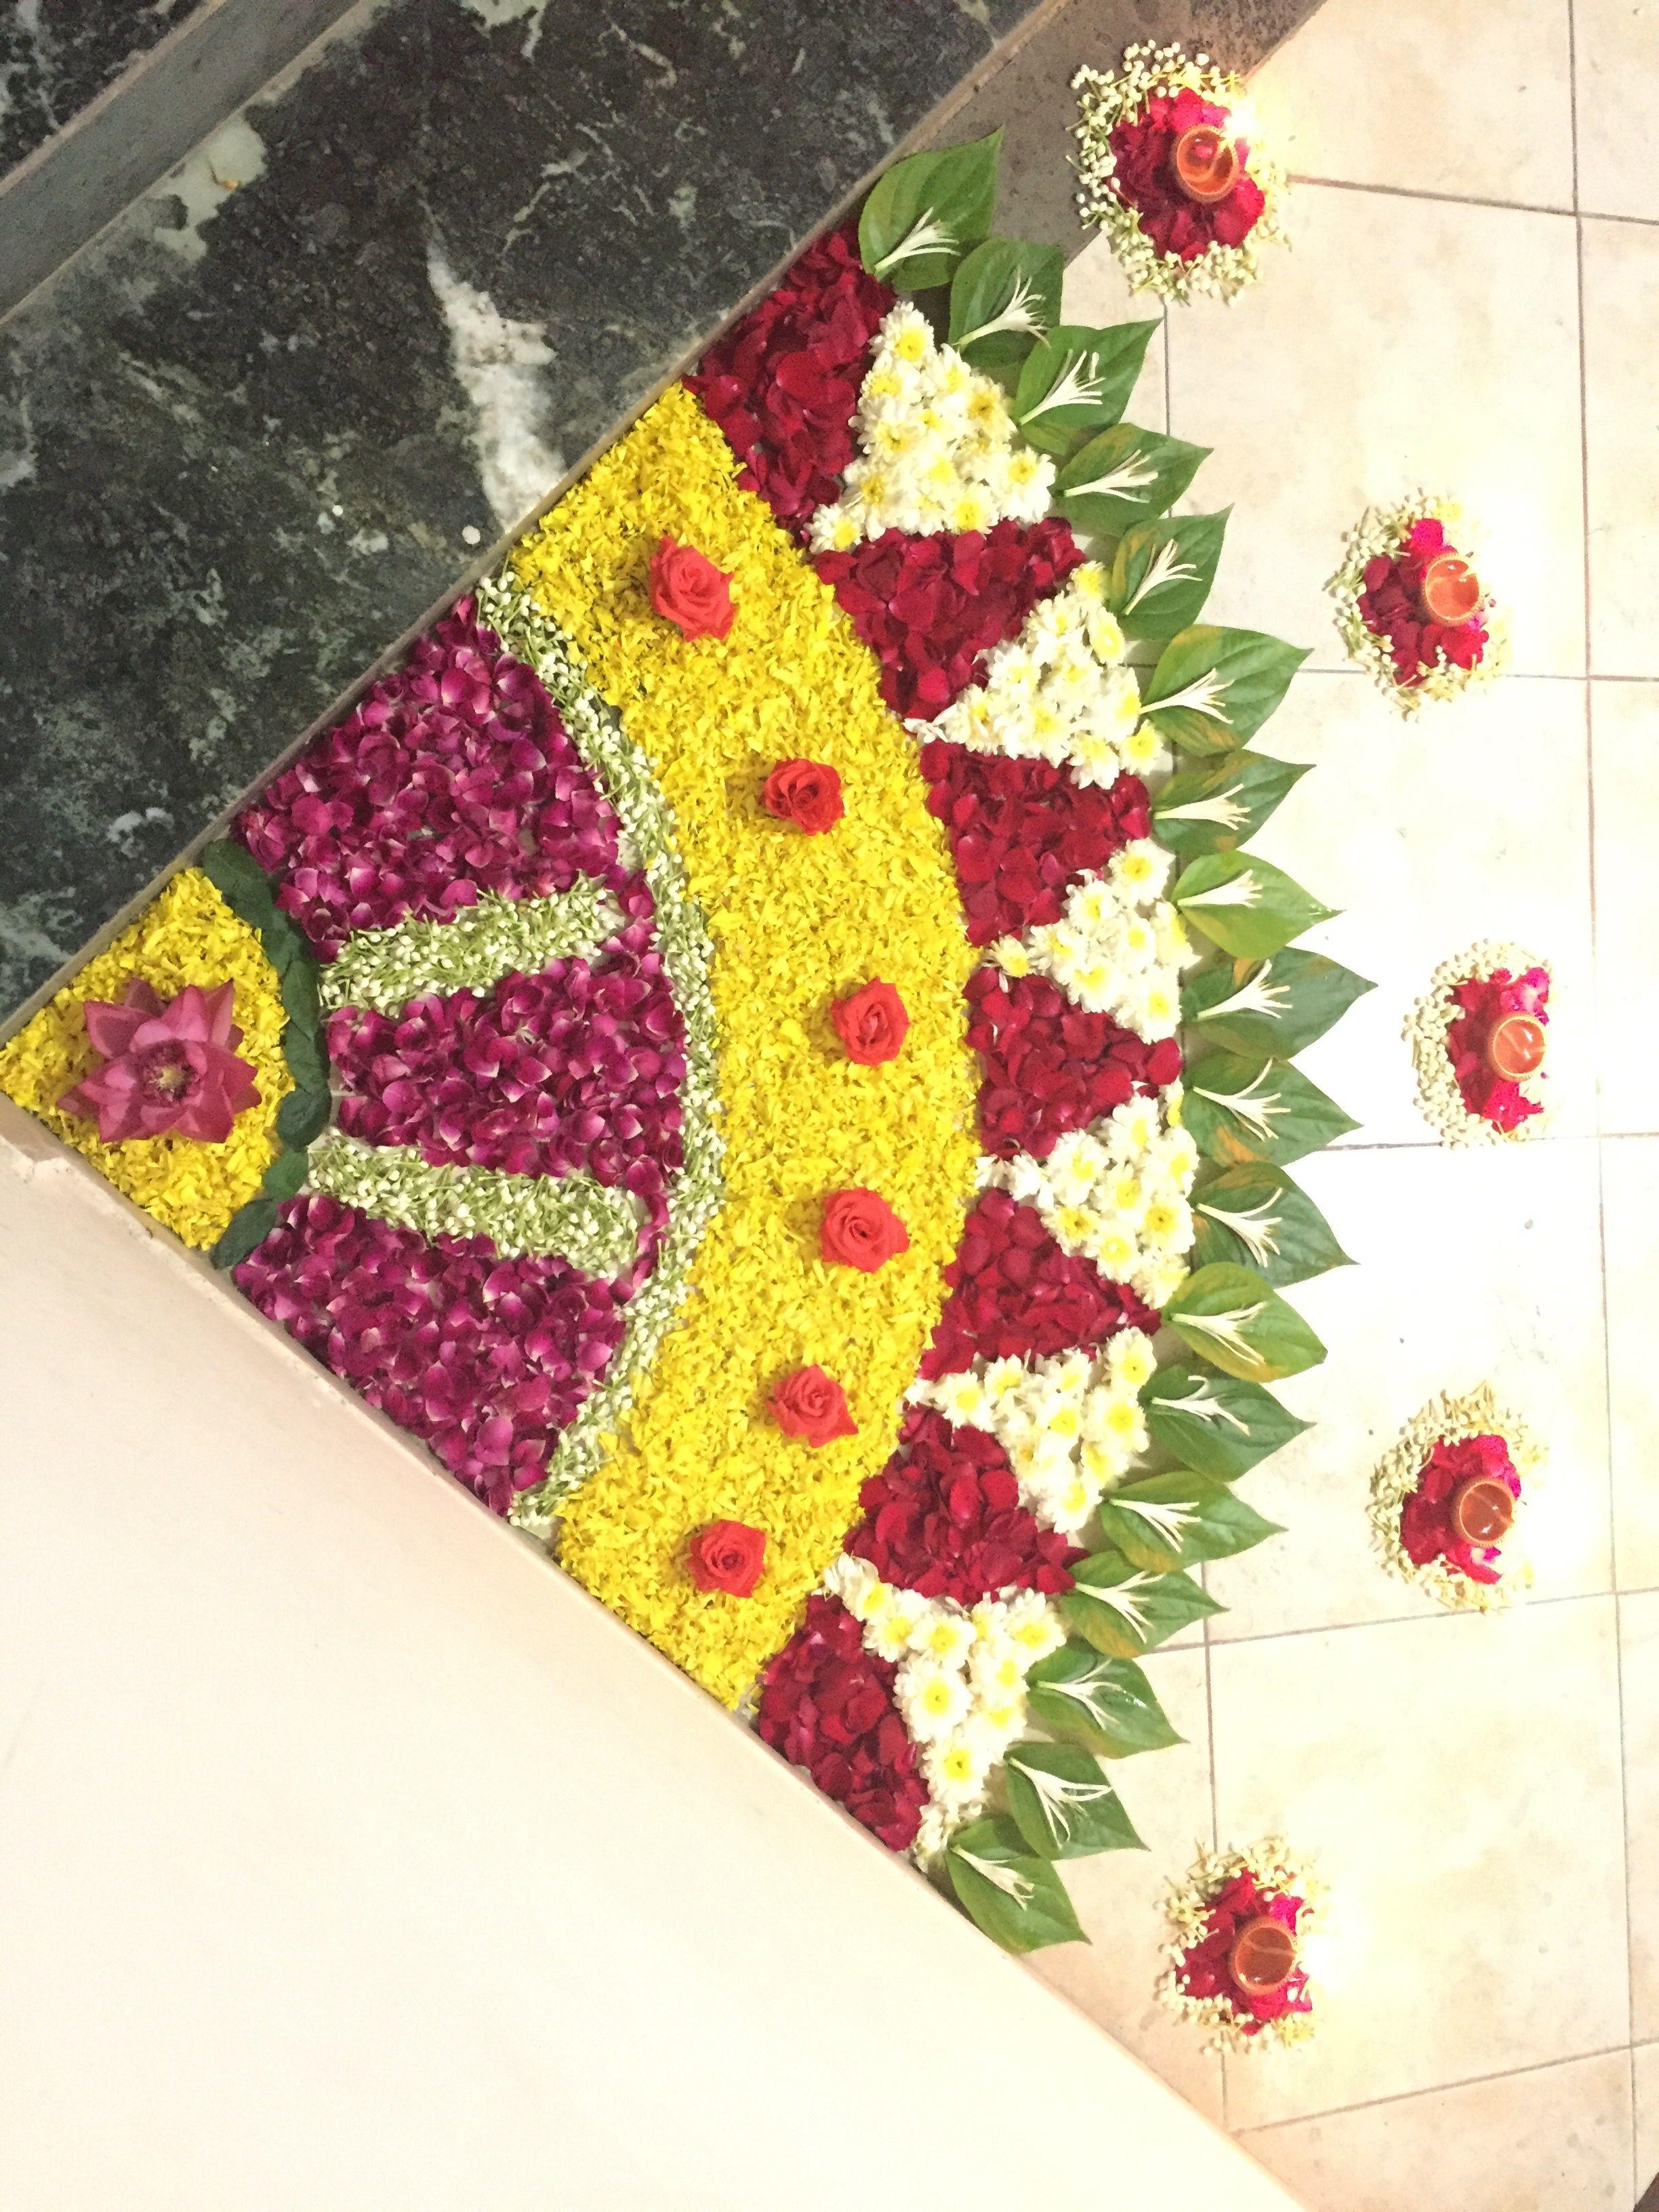 Pin by greeshma Pullur on Flower Rangoli - Pookalam | Pinterest ... for Flower Rangoli Designs For Diwali  575lpg